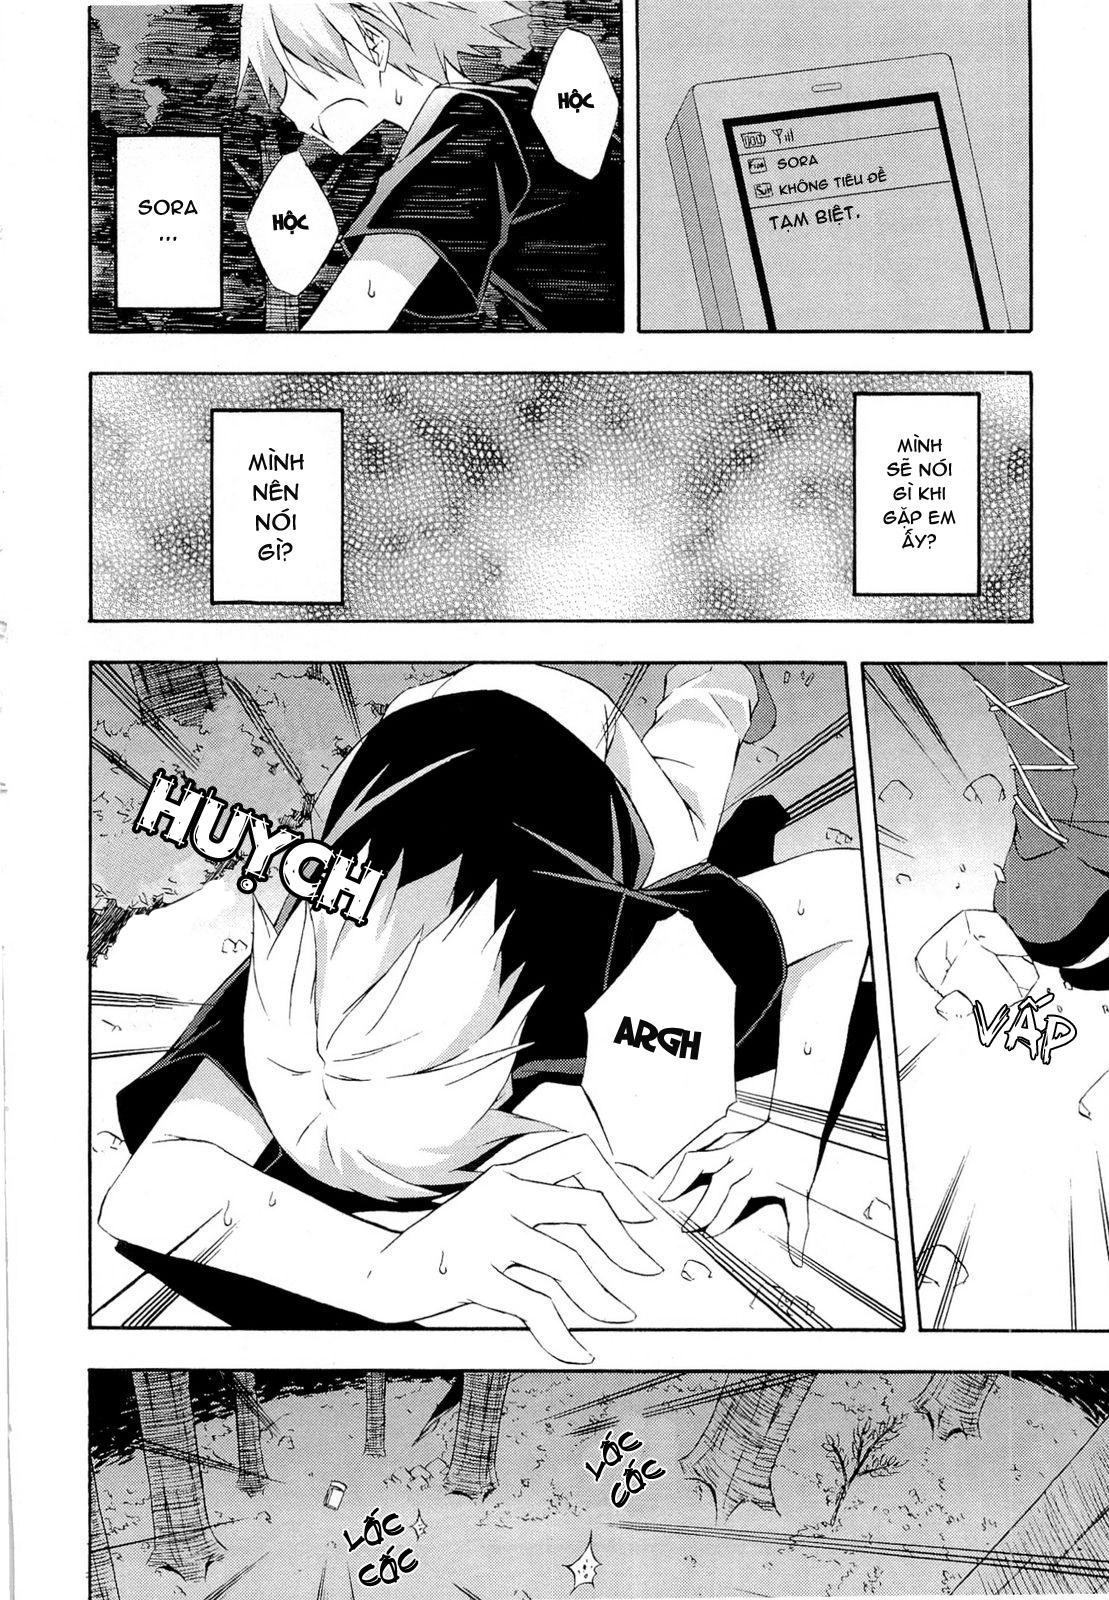 Yosuga no Sora Chap 013